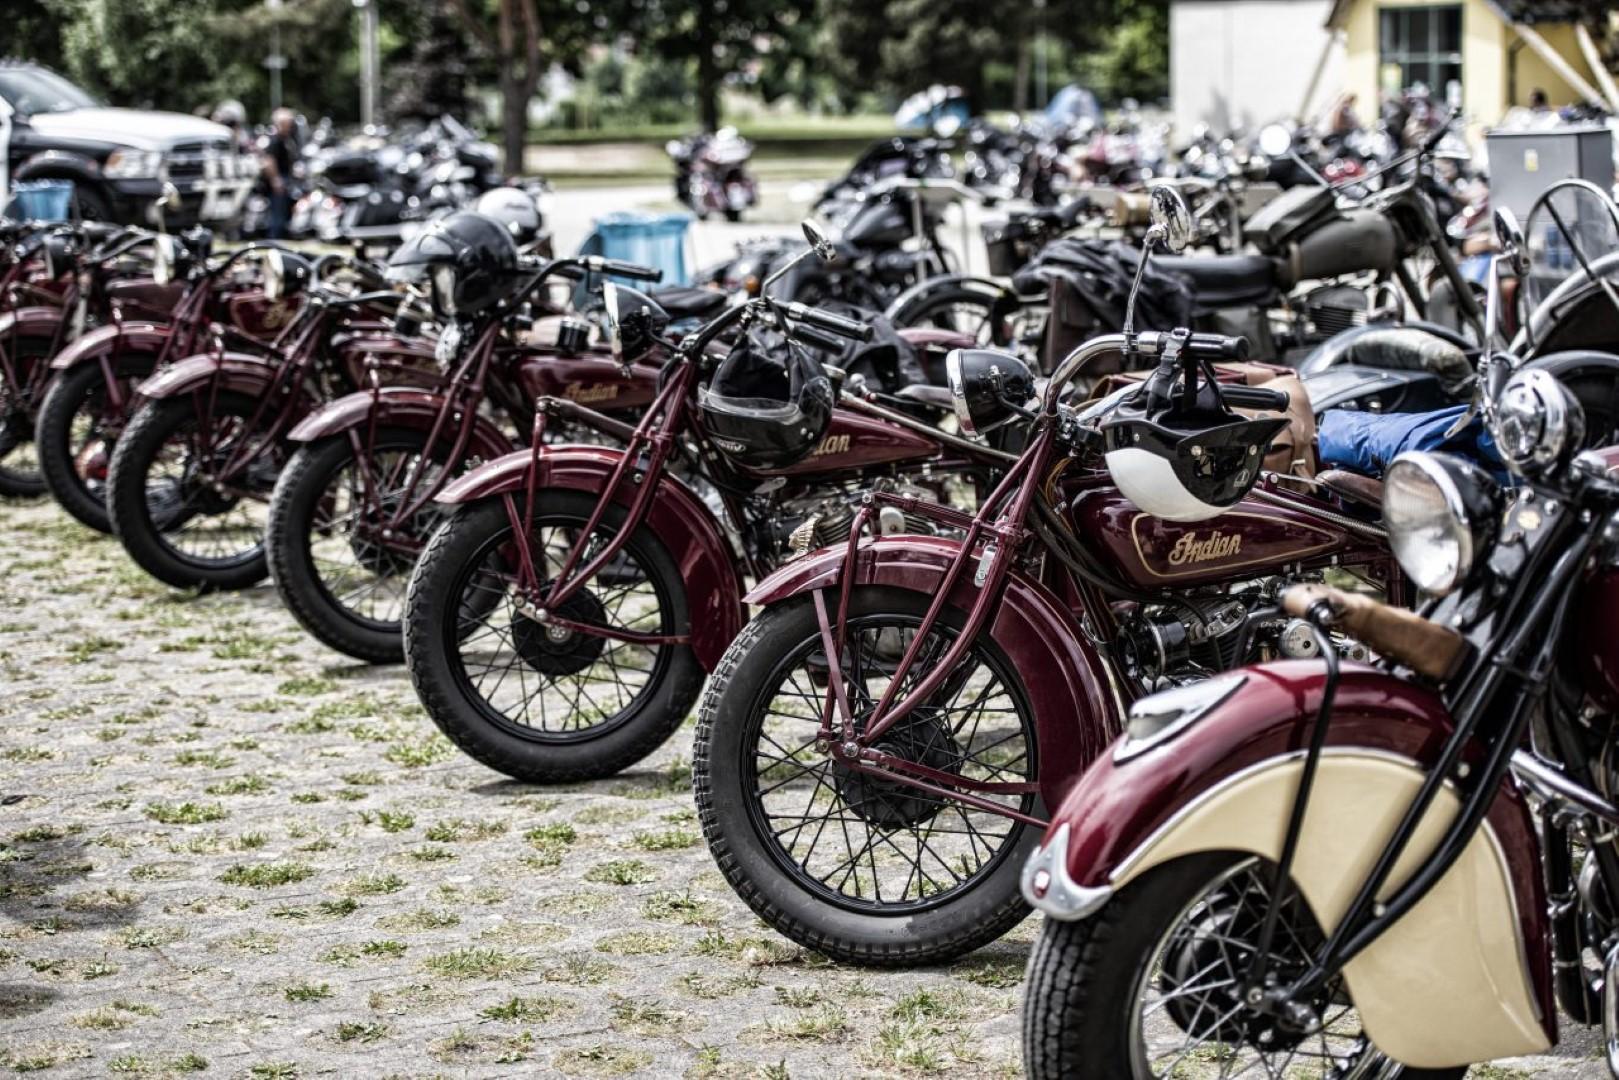 La reunión internacional Indian Riders Fest volverá a la República Checa en 2020